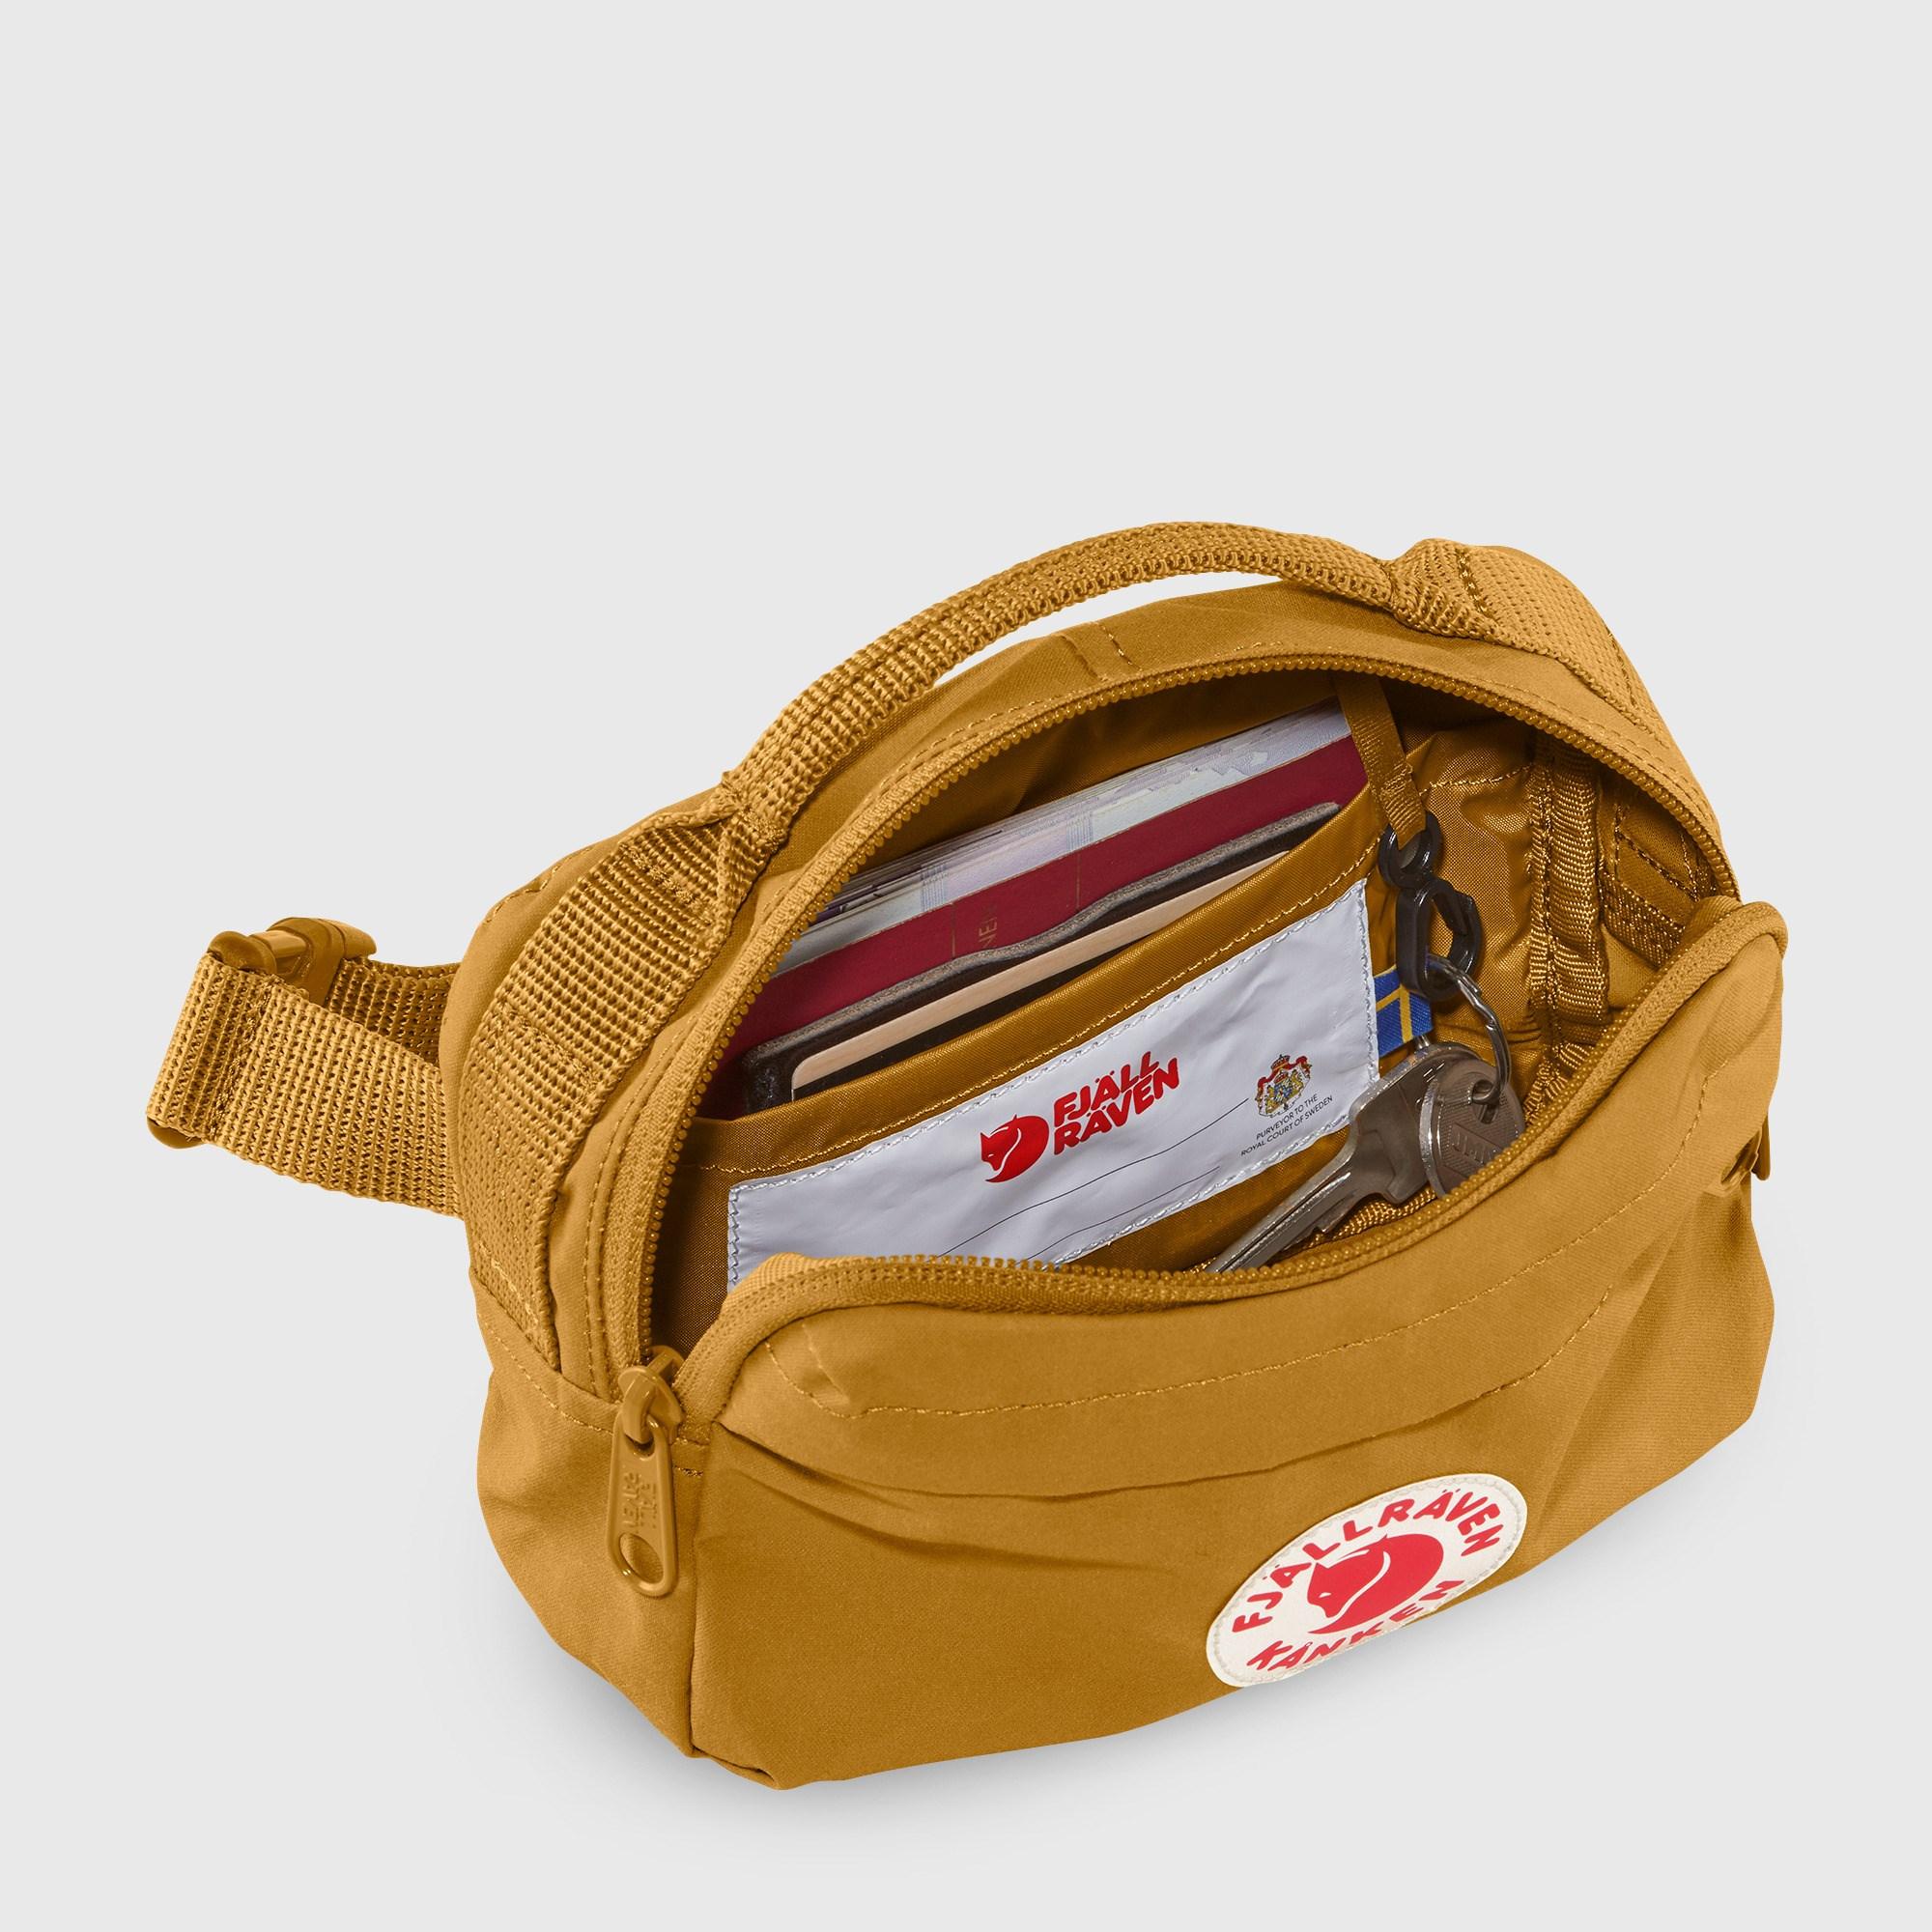 Fjallraven Kanken Hip Pack Ochre Kanken Bags Backpacks